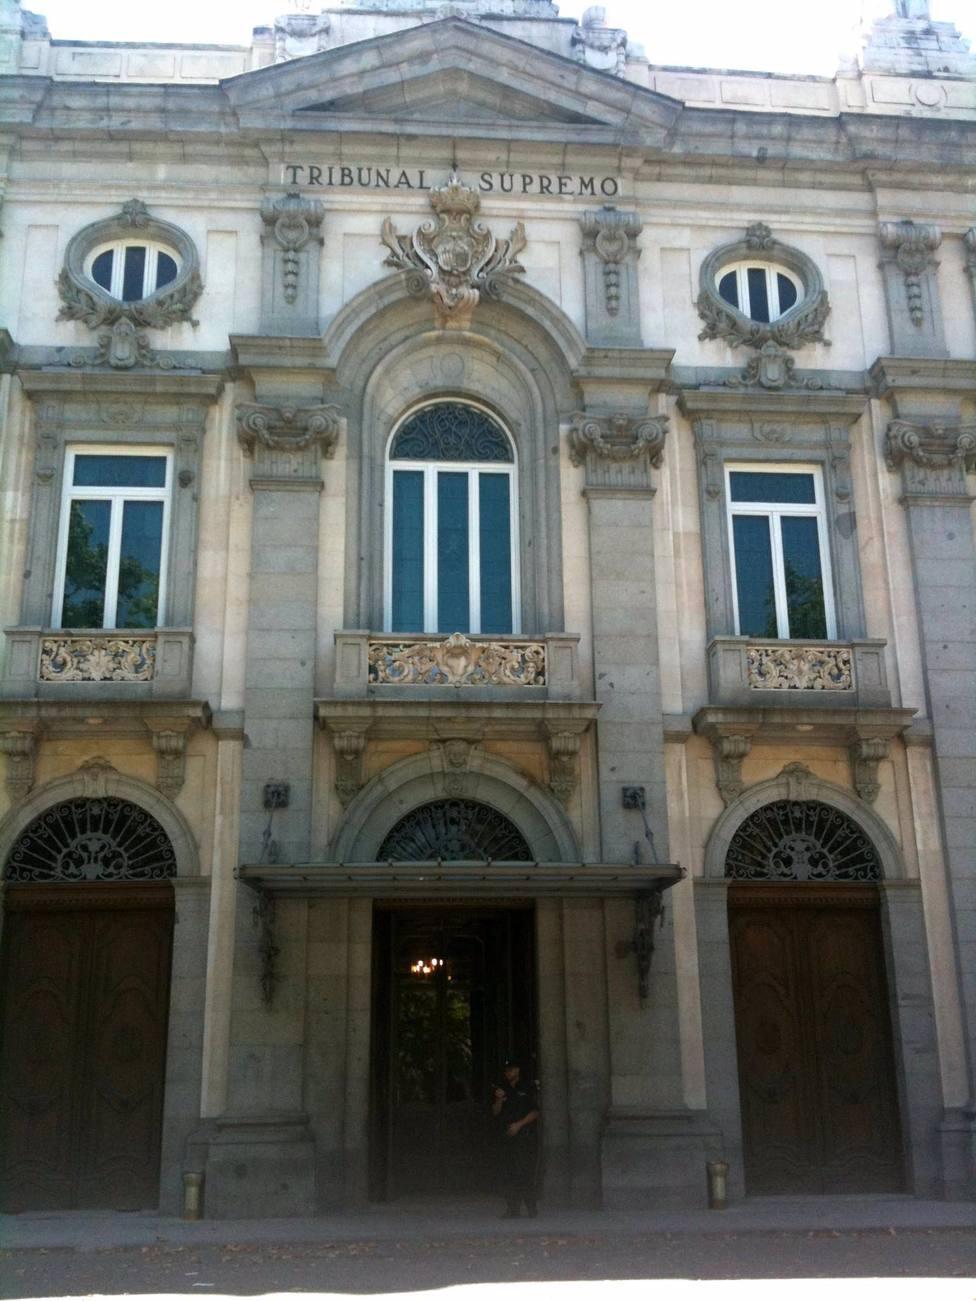 AMP.- El TS mantiene la anulación del decreto electoral de las 13 cámaras catalanas